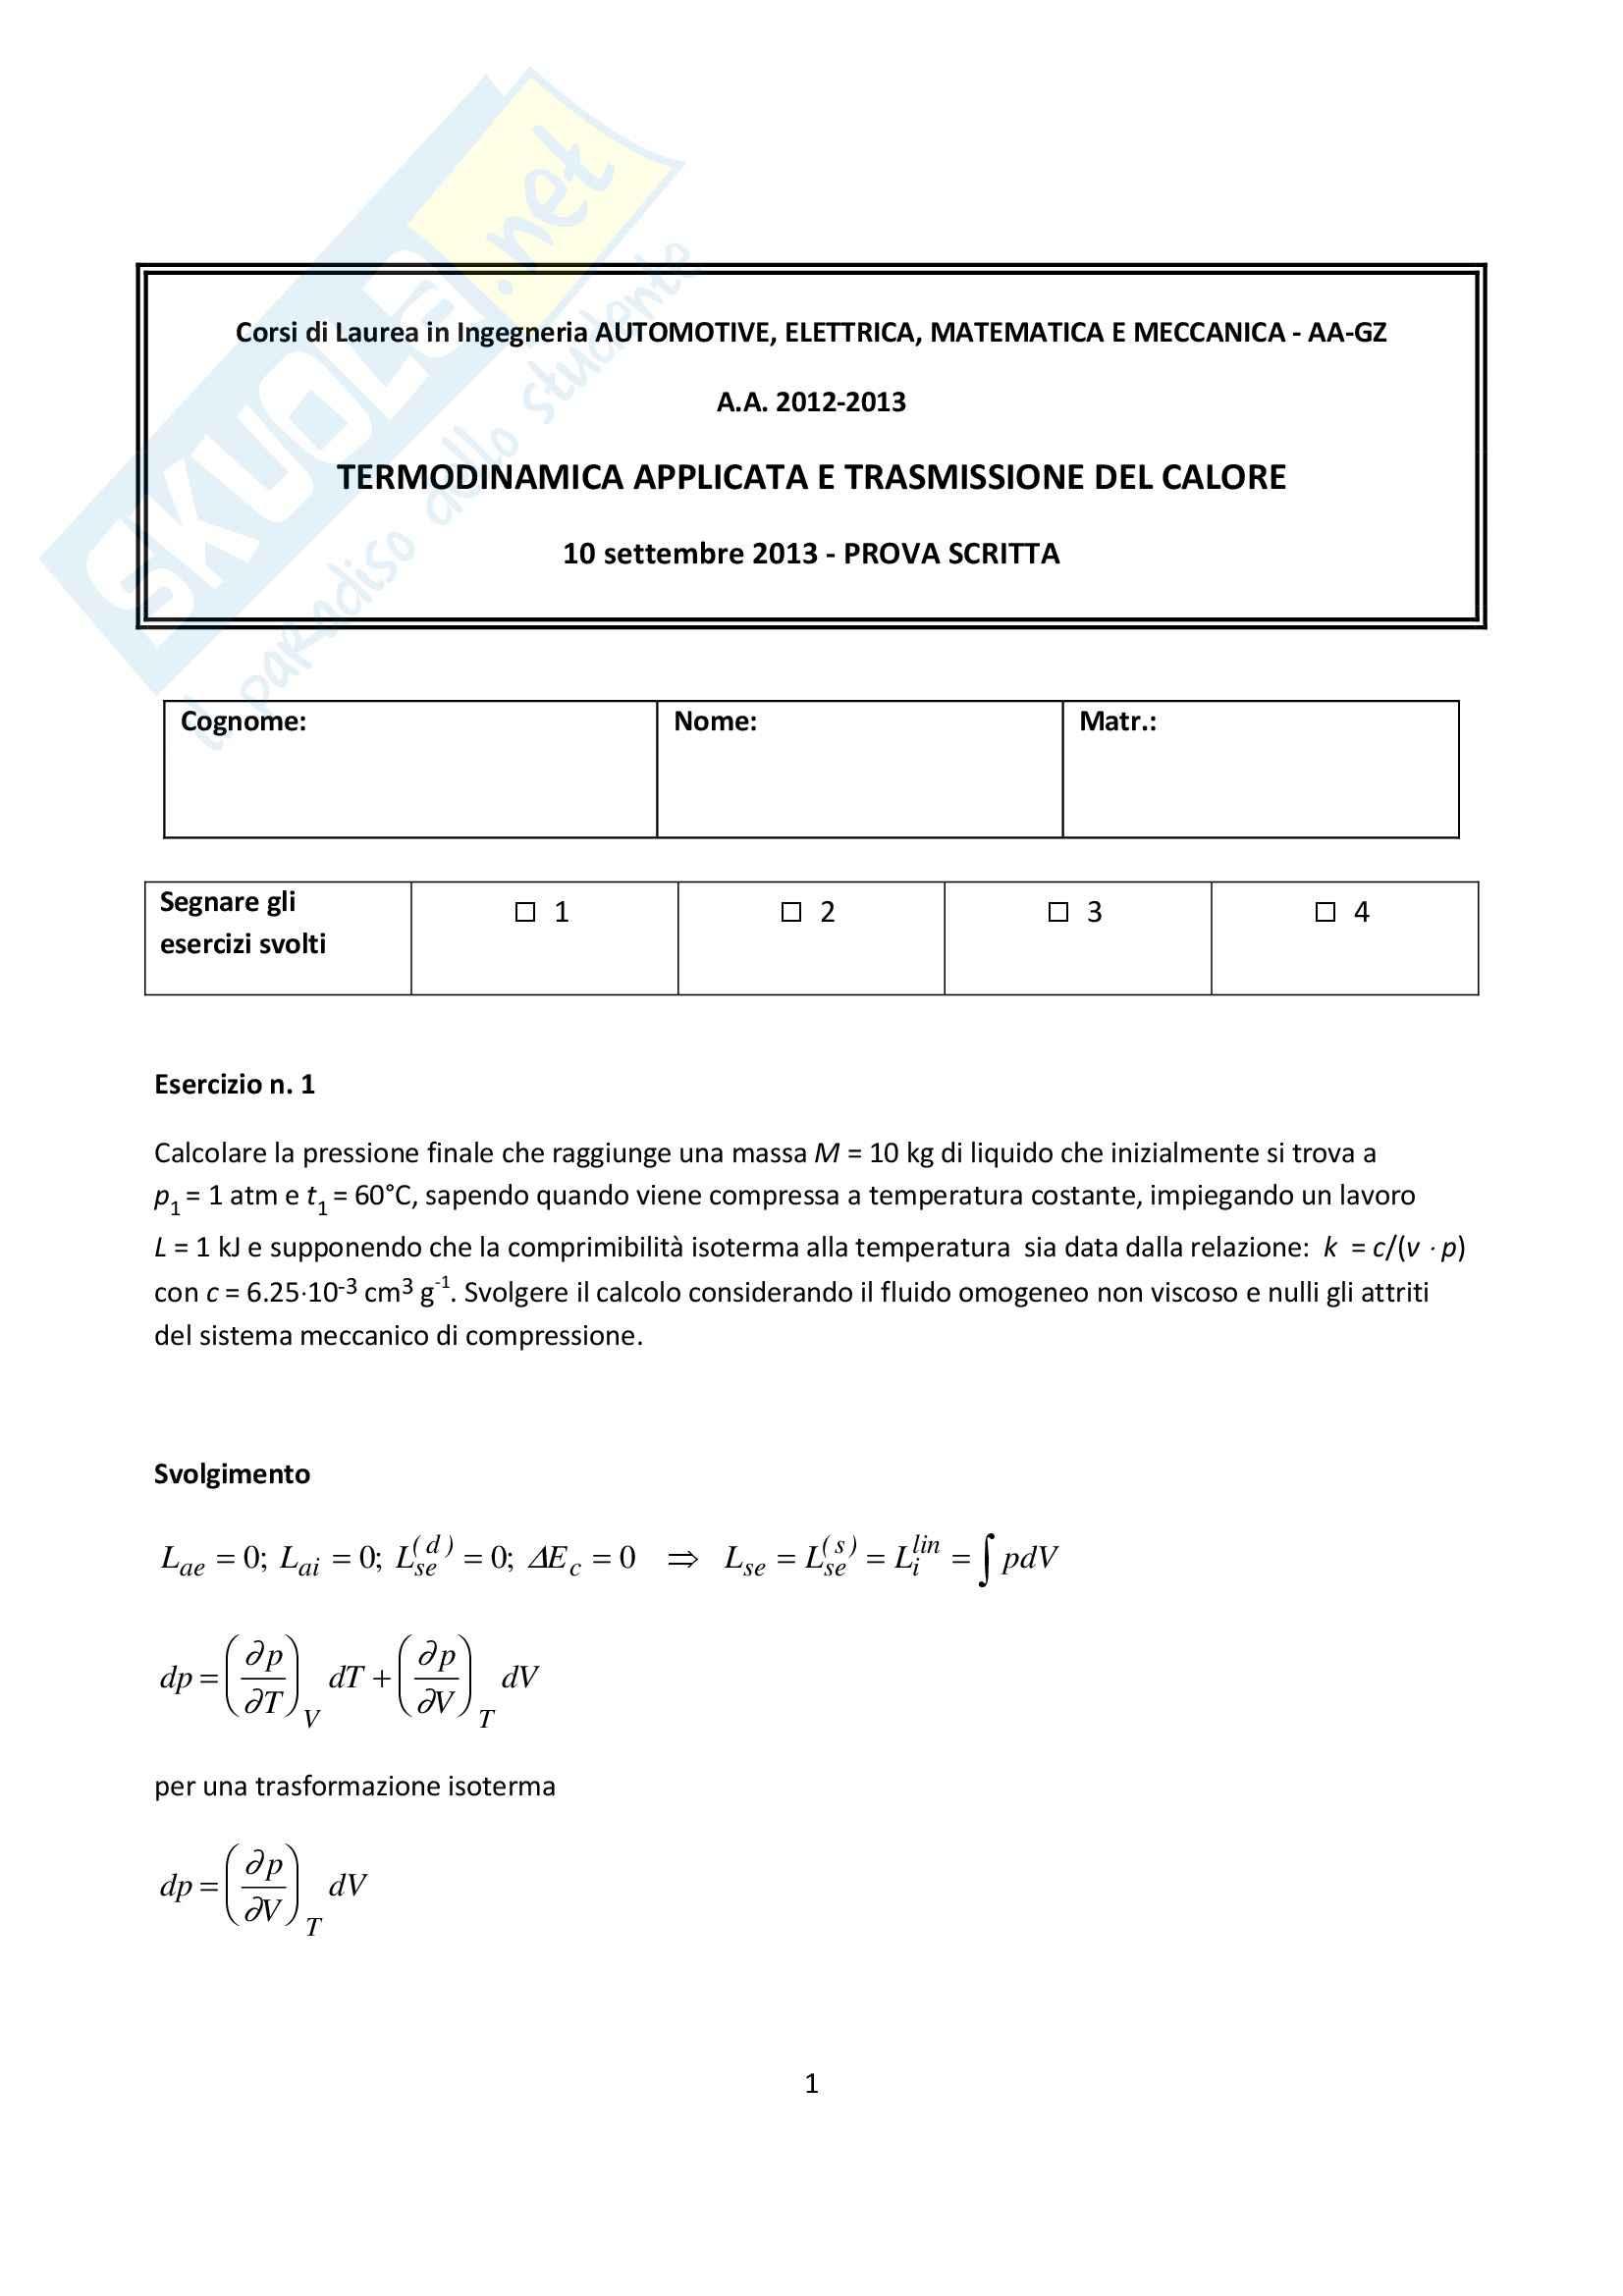 Riassunto esame Termodinamica con temi d'esame e domande orale, prof. Borchiellini Pag. 81